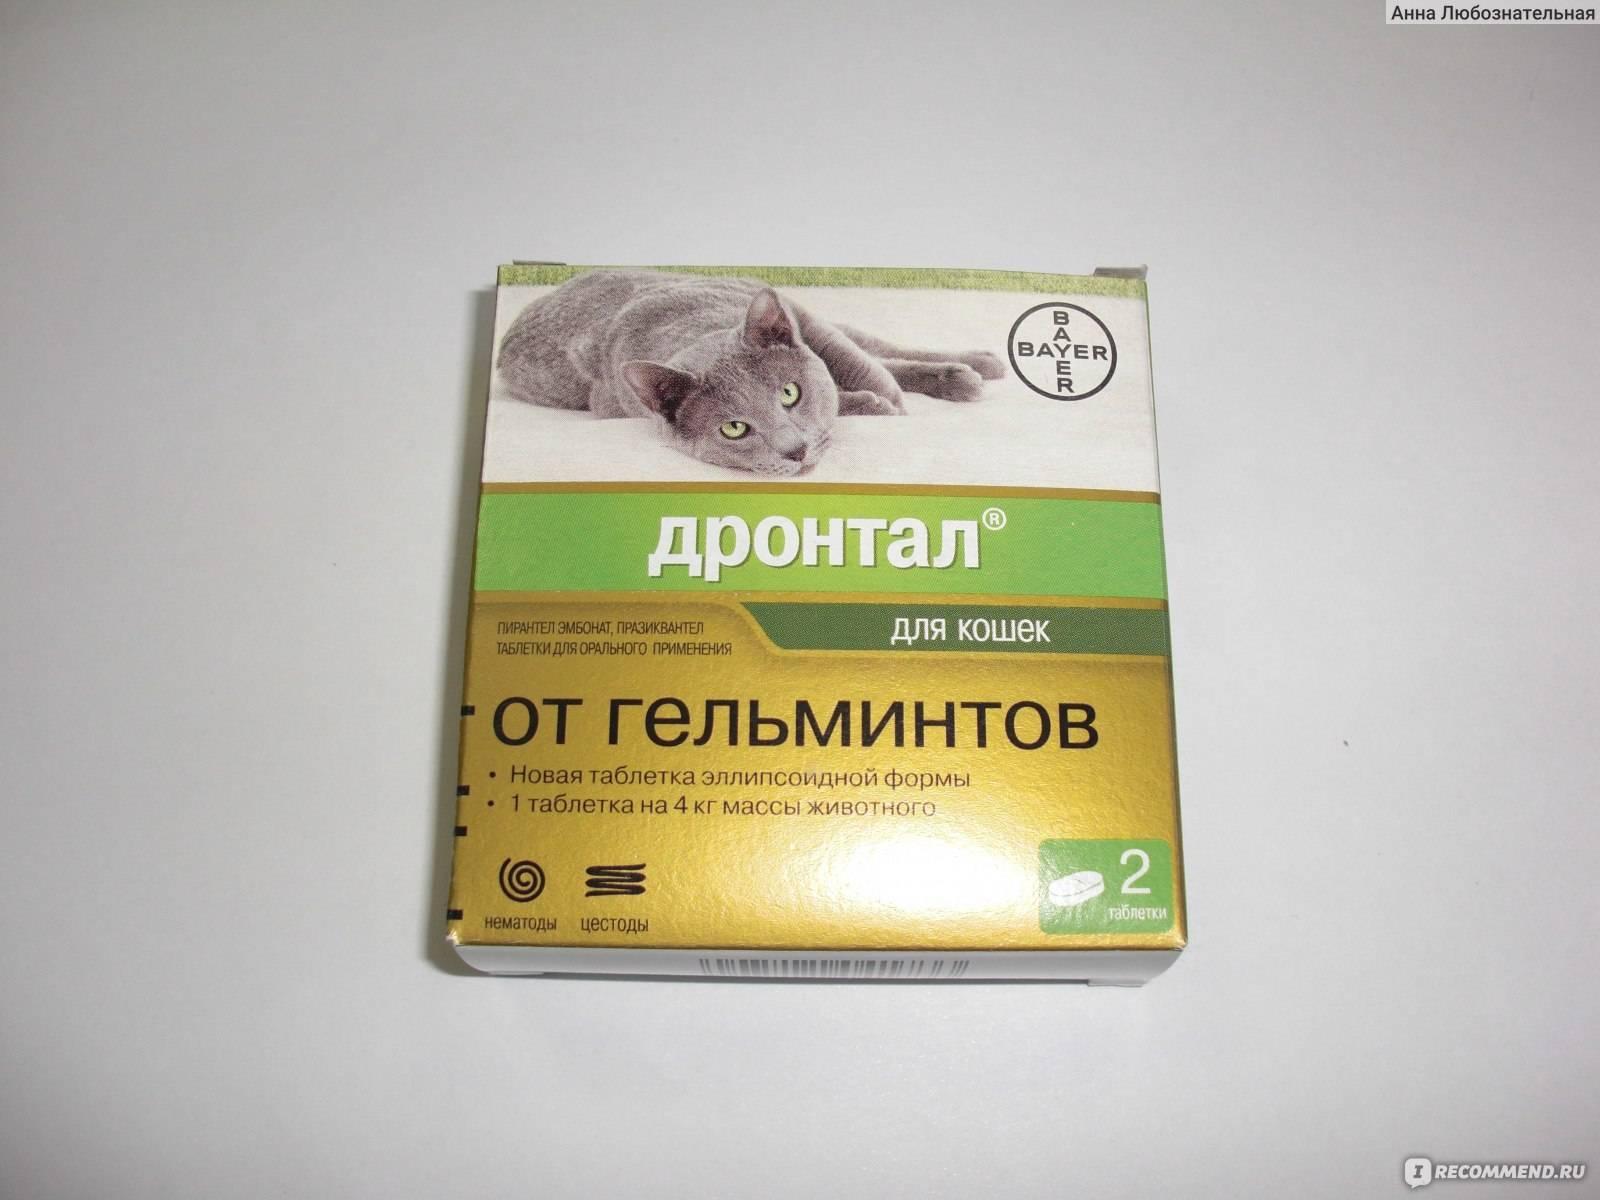 Как выбрать для кошки хороший препарат от глистов?   мир кошек обзор лучших препаратов от глистов для кошек   мир кошек